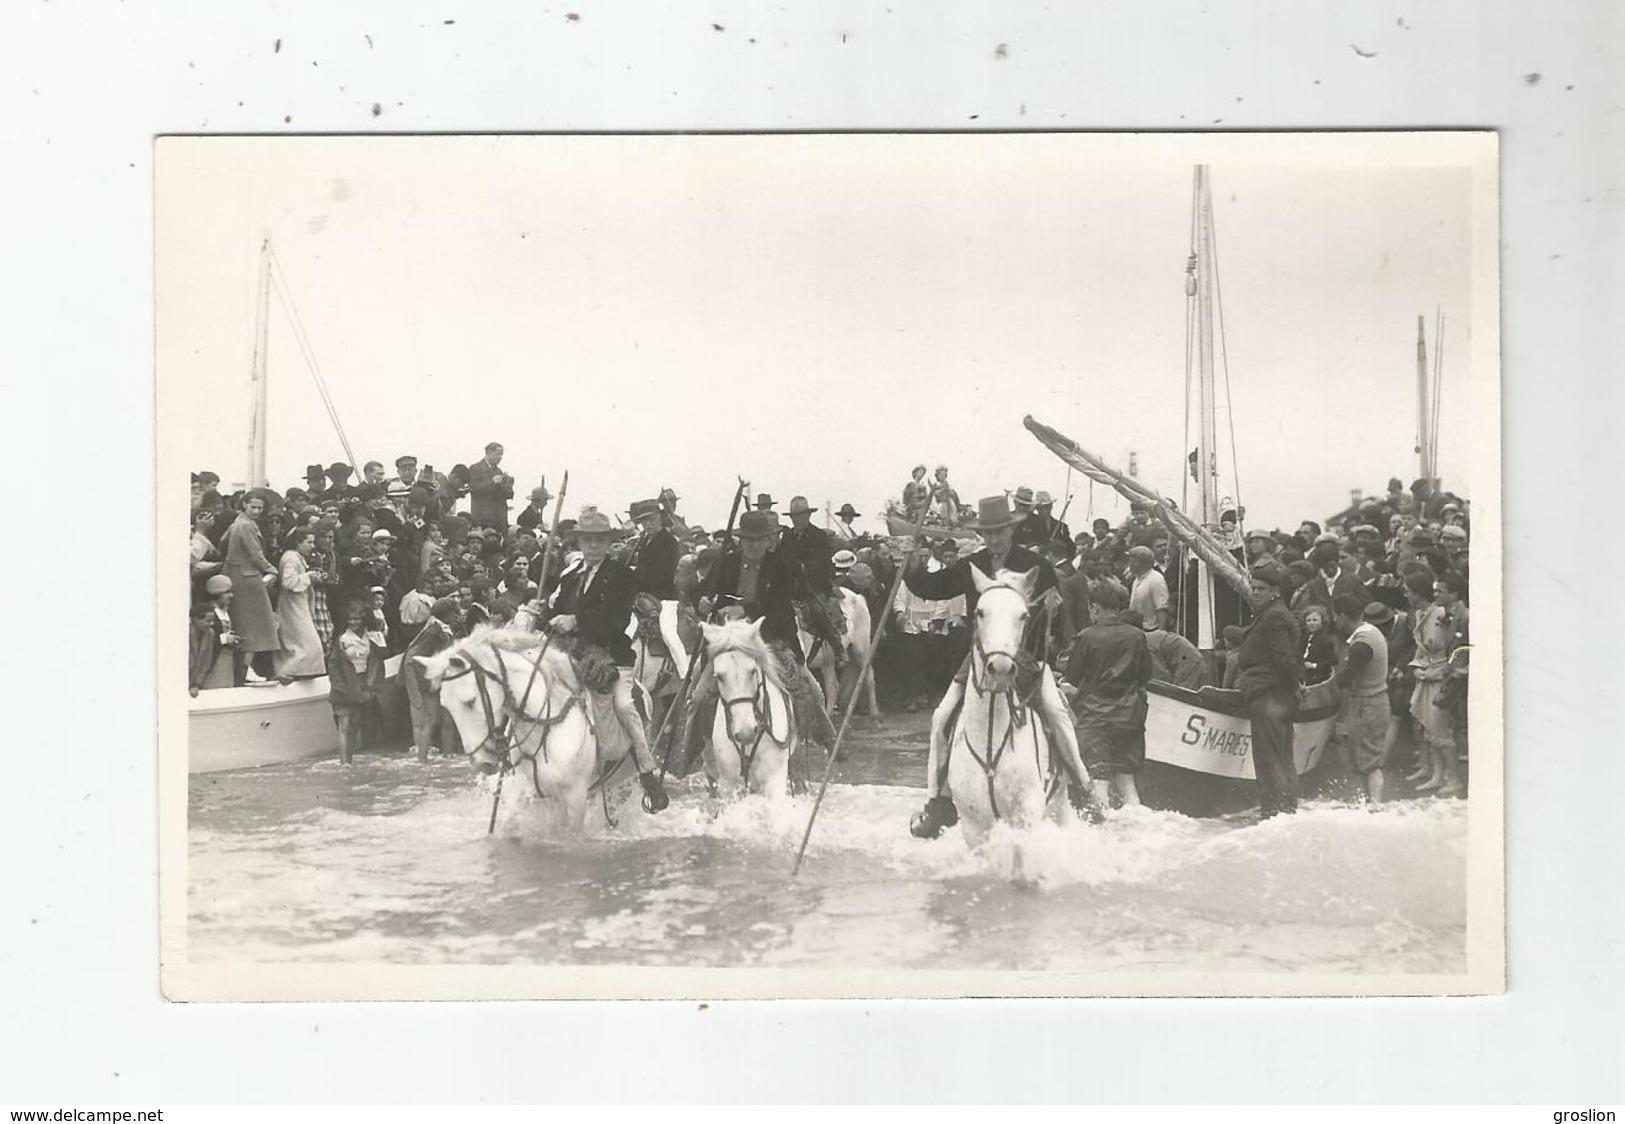 LES SAINTES MARIE DE LA MER (13) CARTE PHOTO PELERINAGE GITAN AVEC BARQUES SAINTES ET GARDIANS - Saintes Maries De La Mer